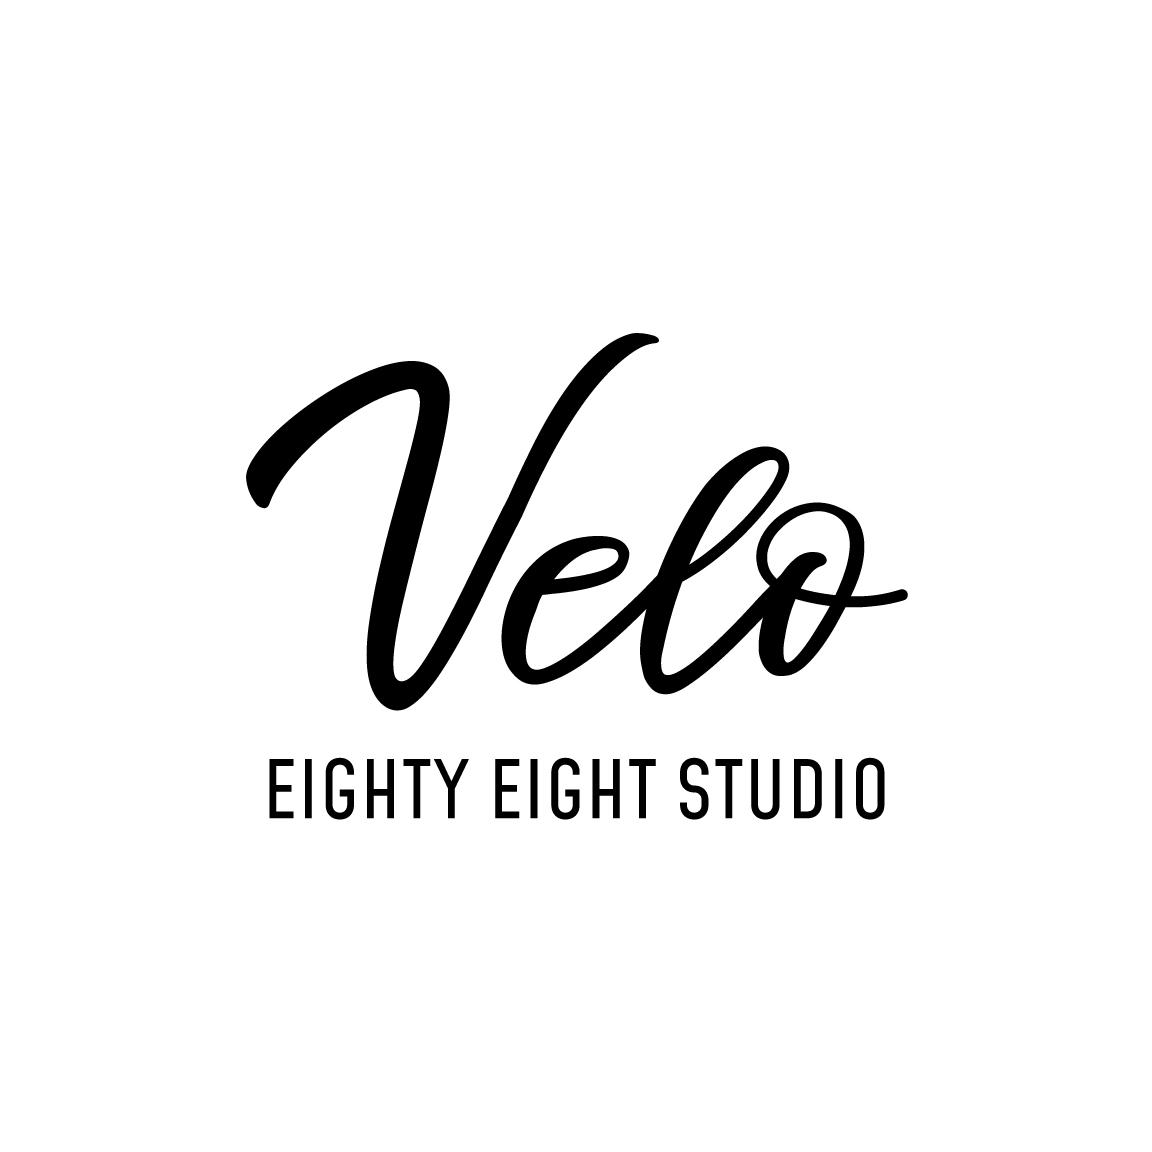 Velo Eighty Eight Studio primary image